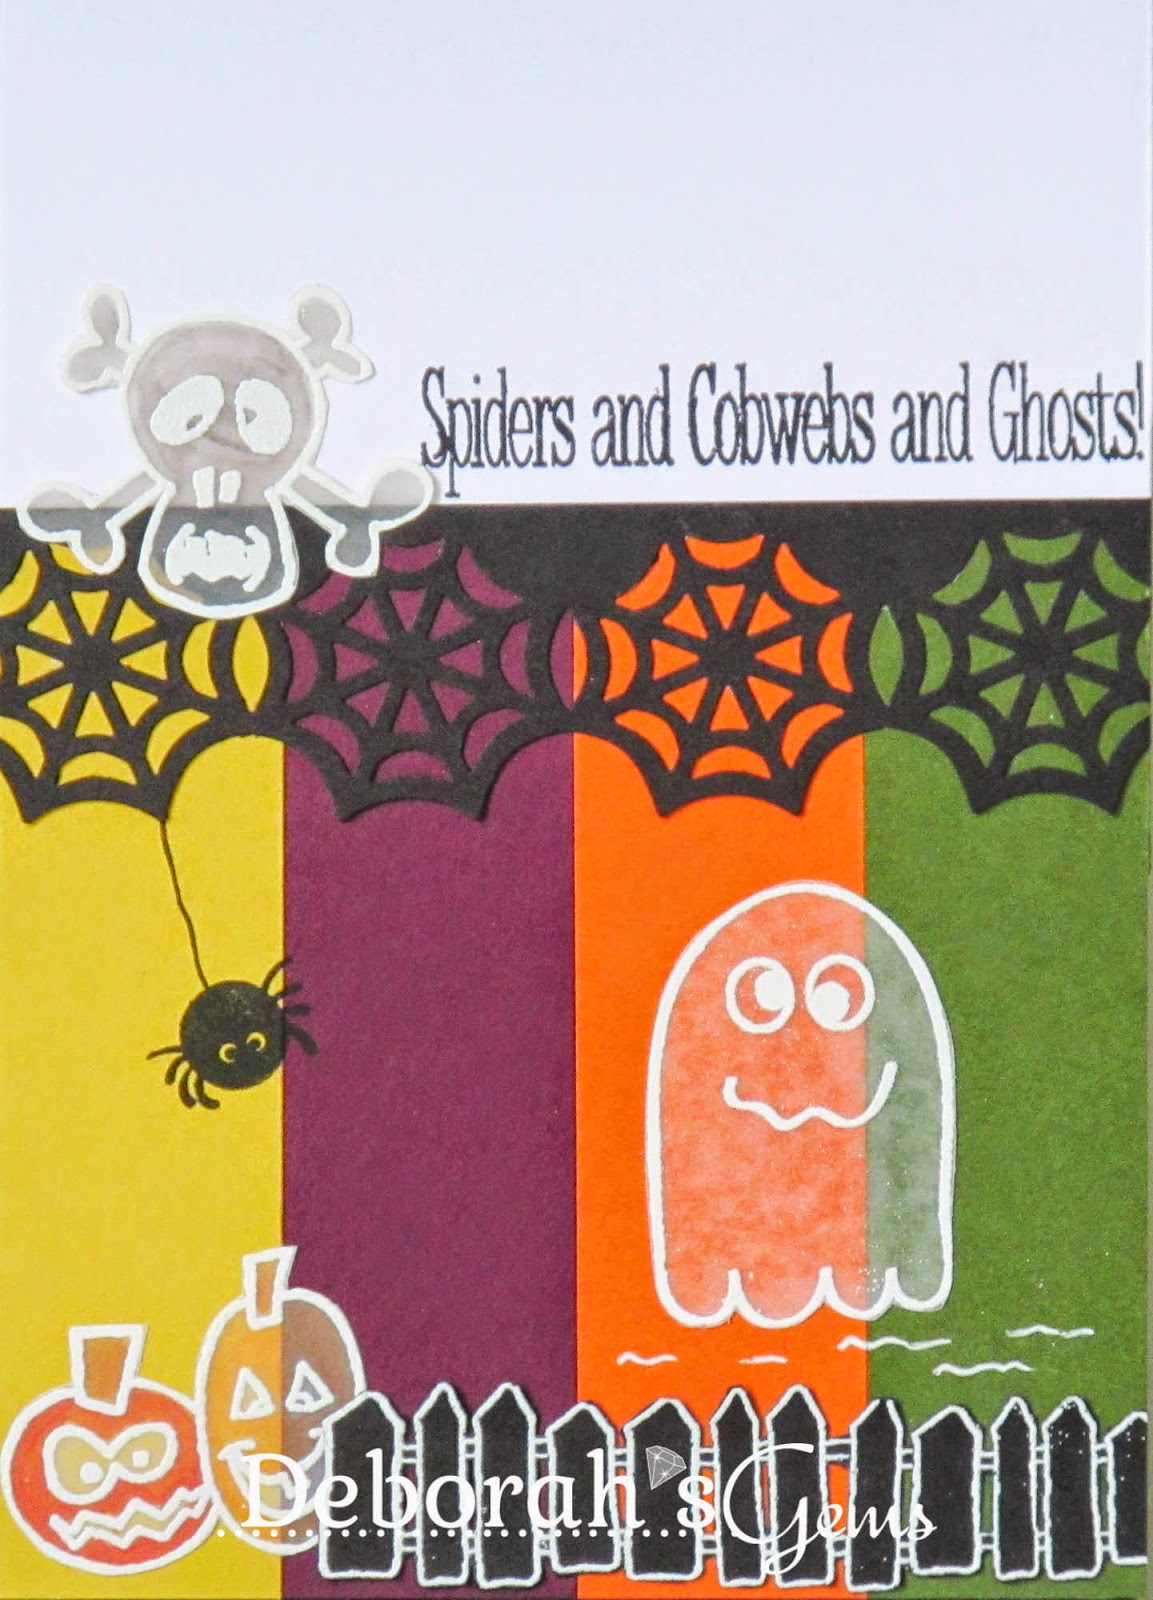 Spiders, Cobwebs & Ghosts - photo by Deborah Frings - Deborah's Gems